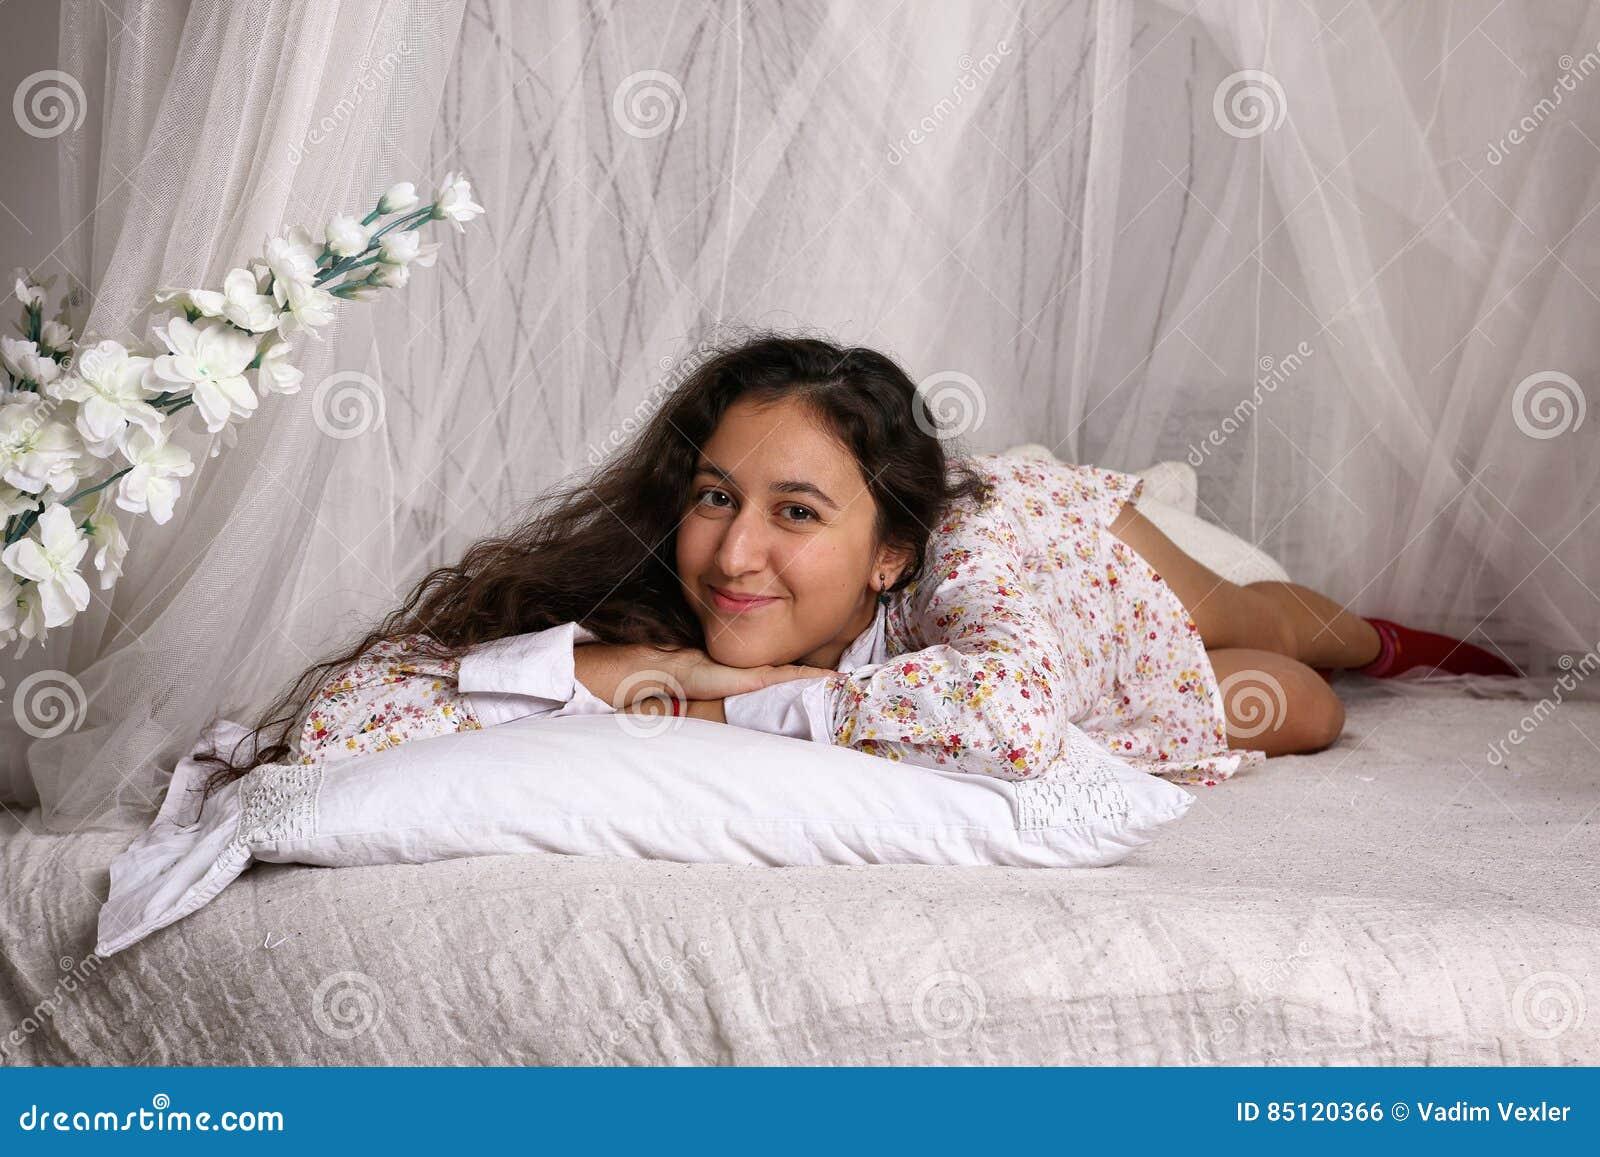 Junge Zigeunerin liegt auf einem weißen Bett mit Überdachung